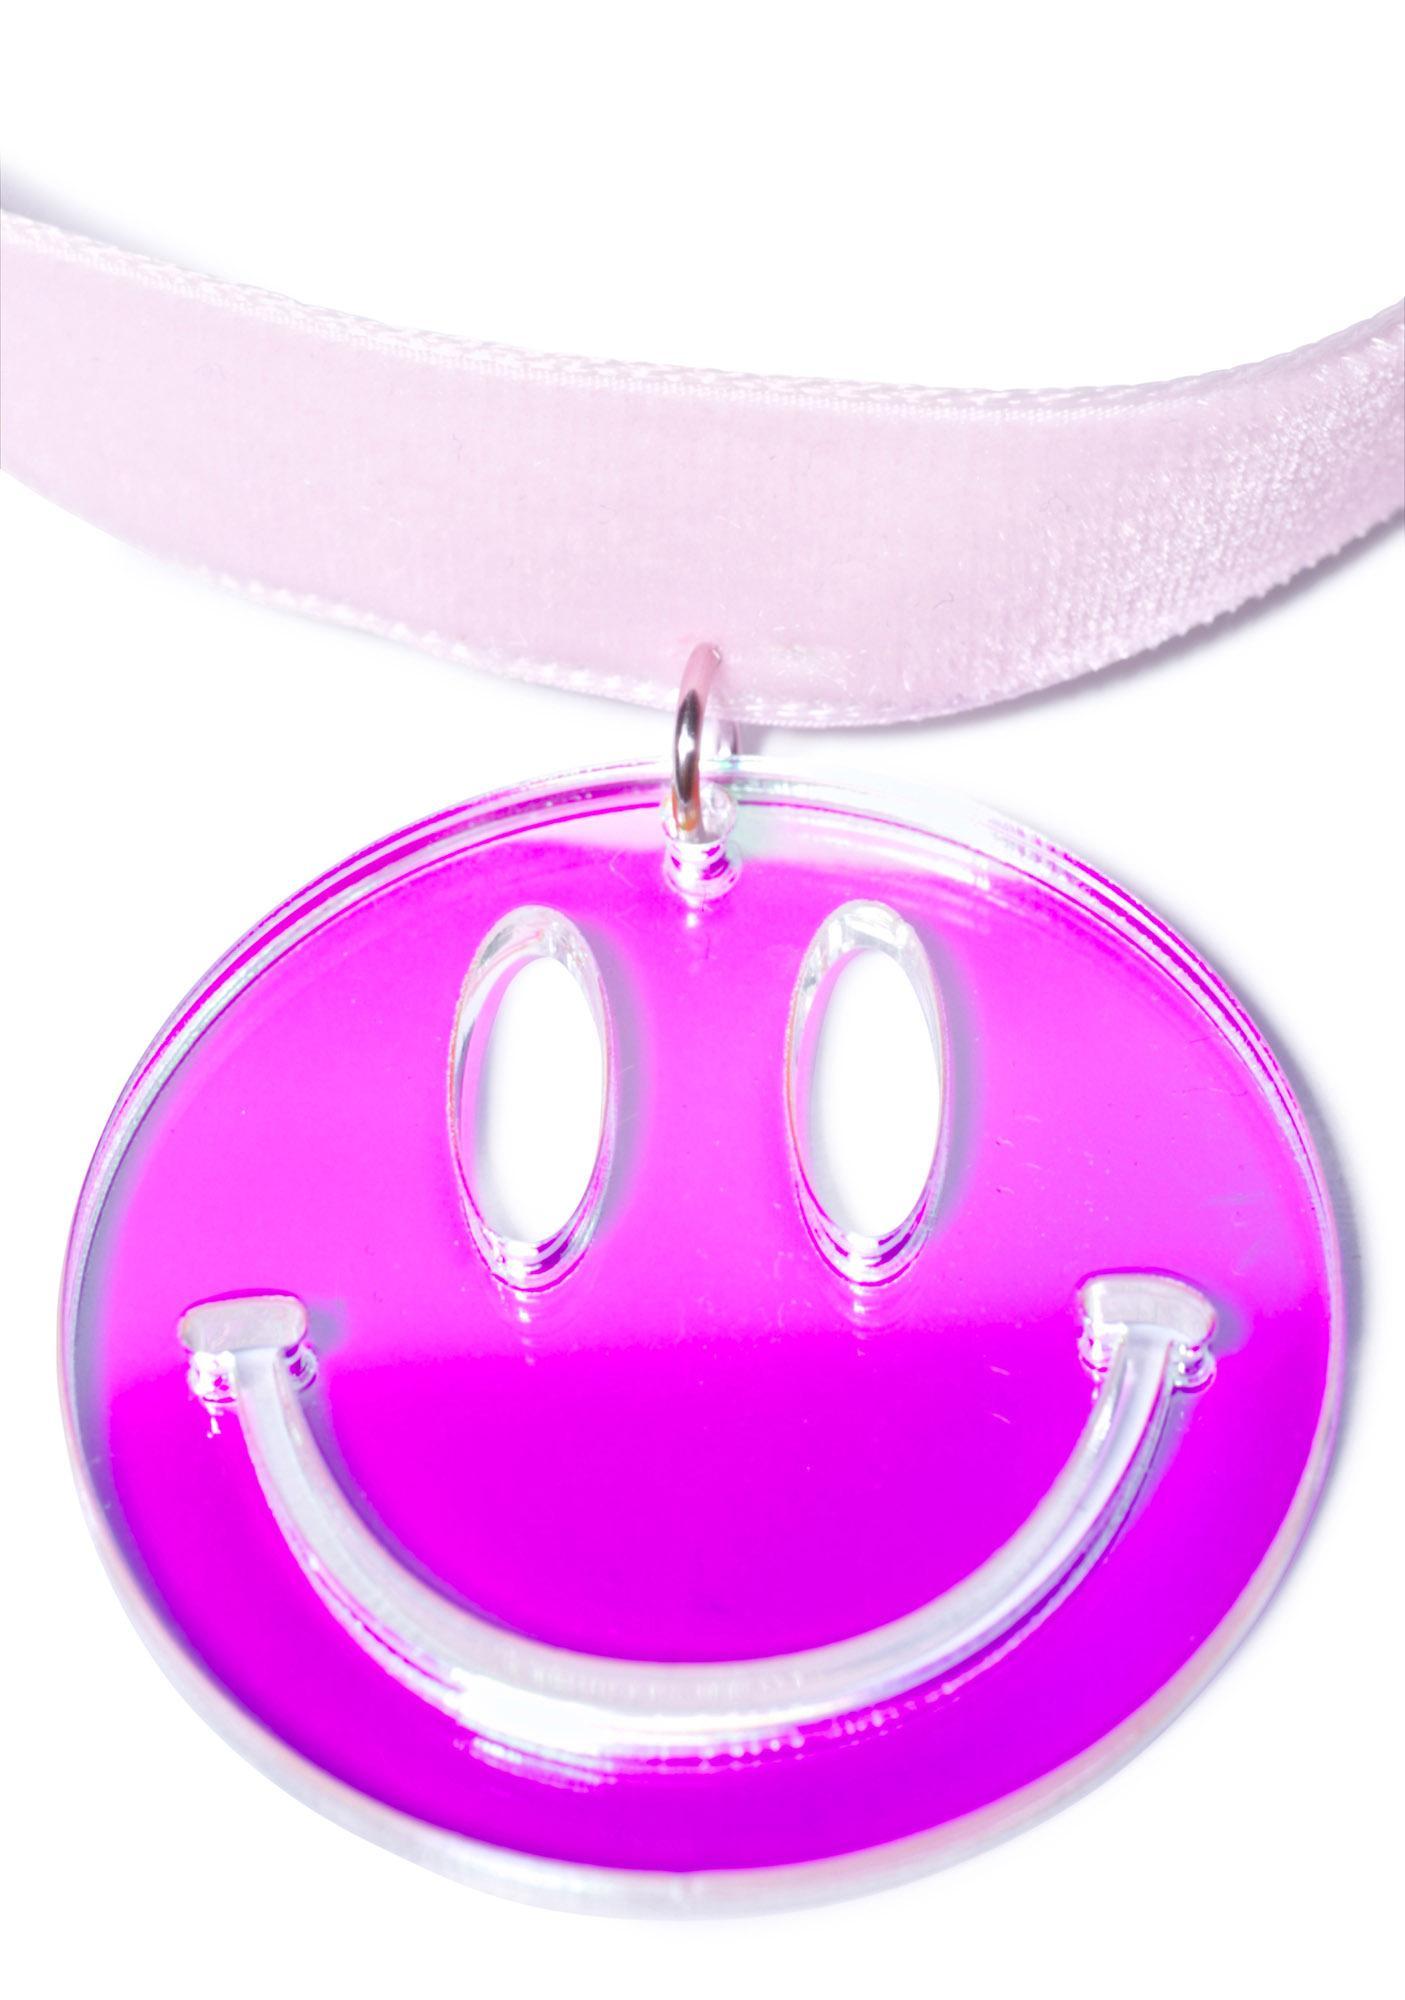 Suzywan Deluxe Velvet Smiley Face Choker